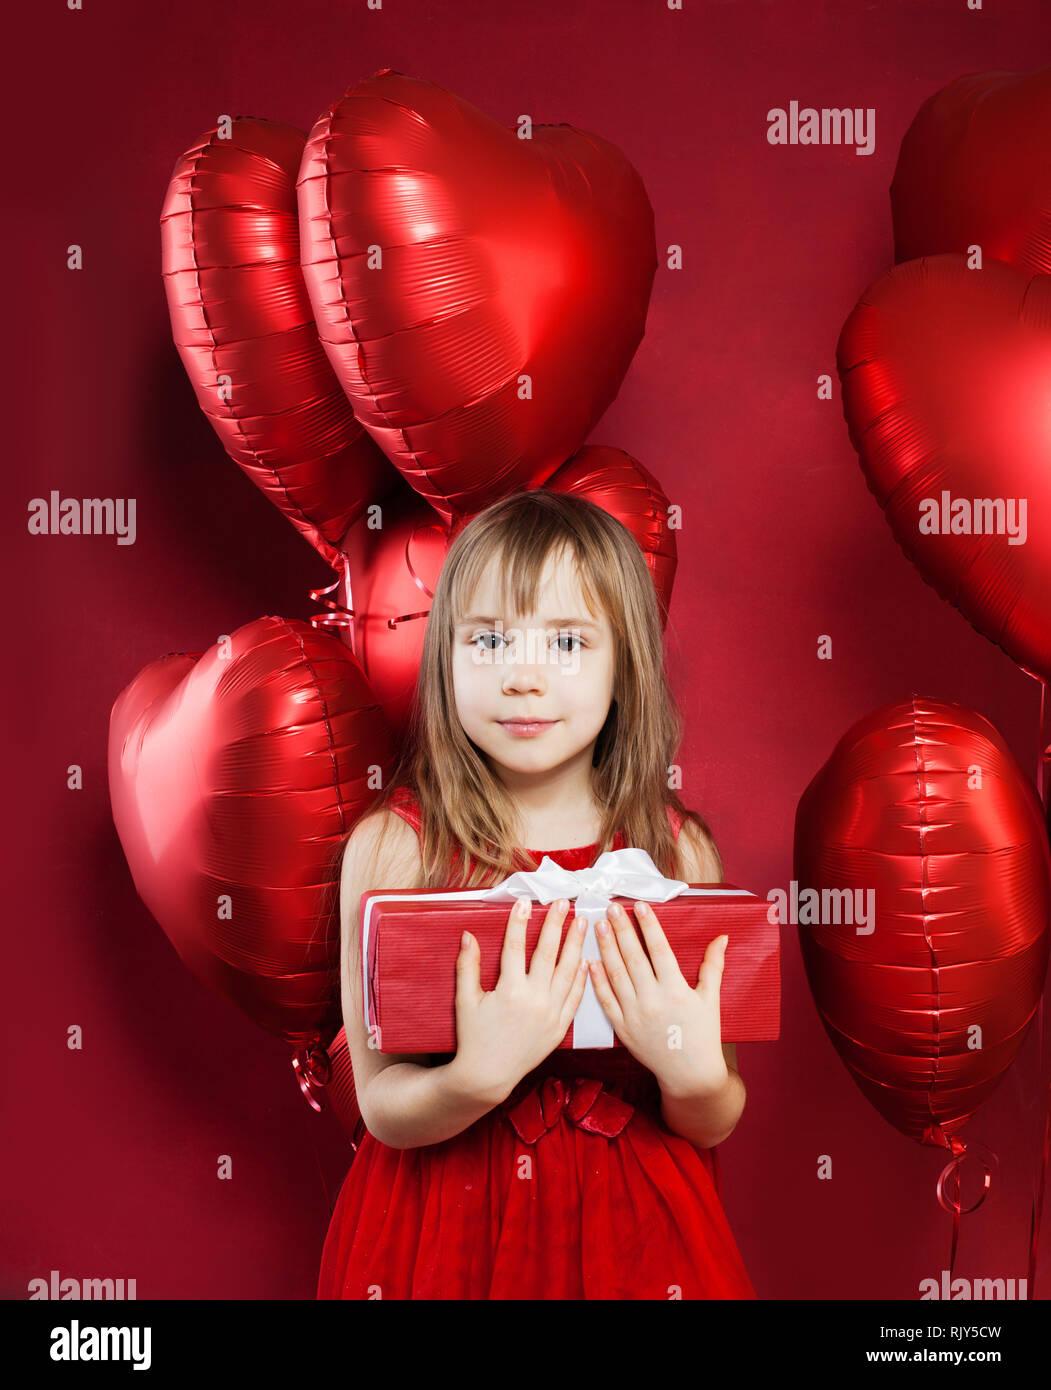 2cf32d23e130 Joyful little girl in red tulle dress holding birthday gift box on ...